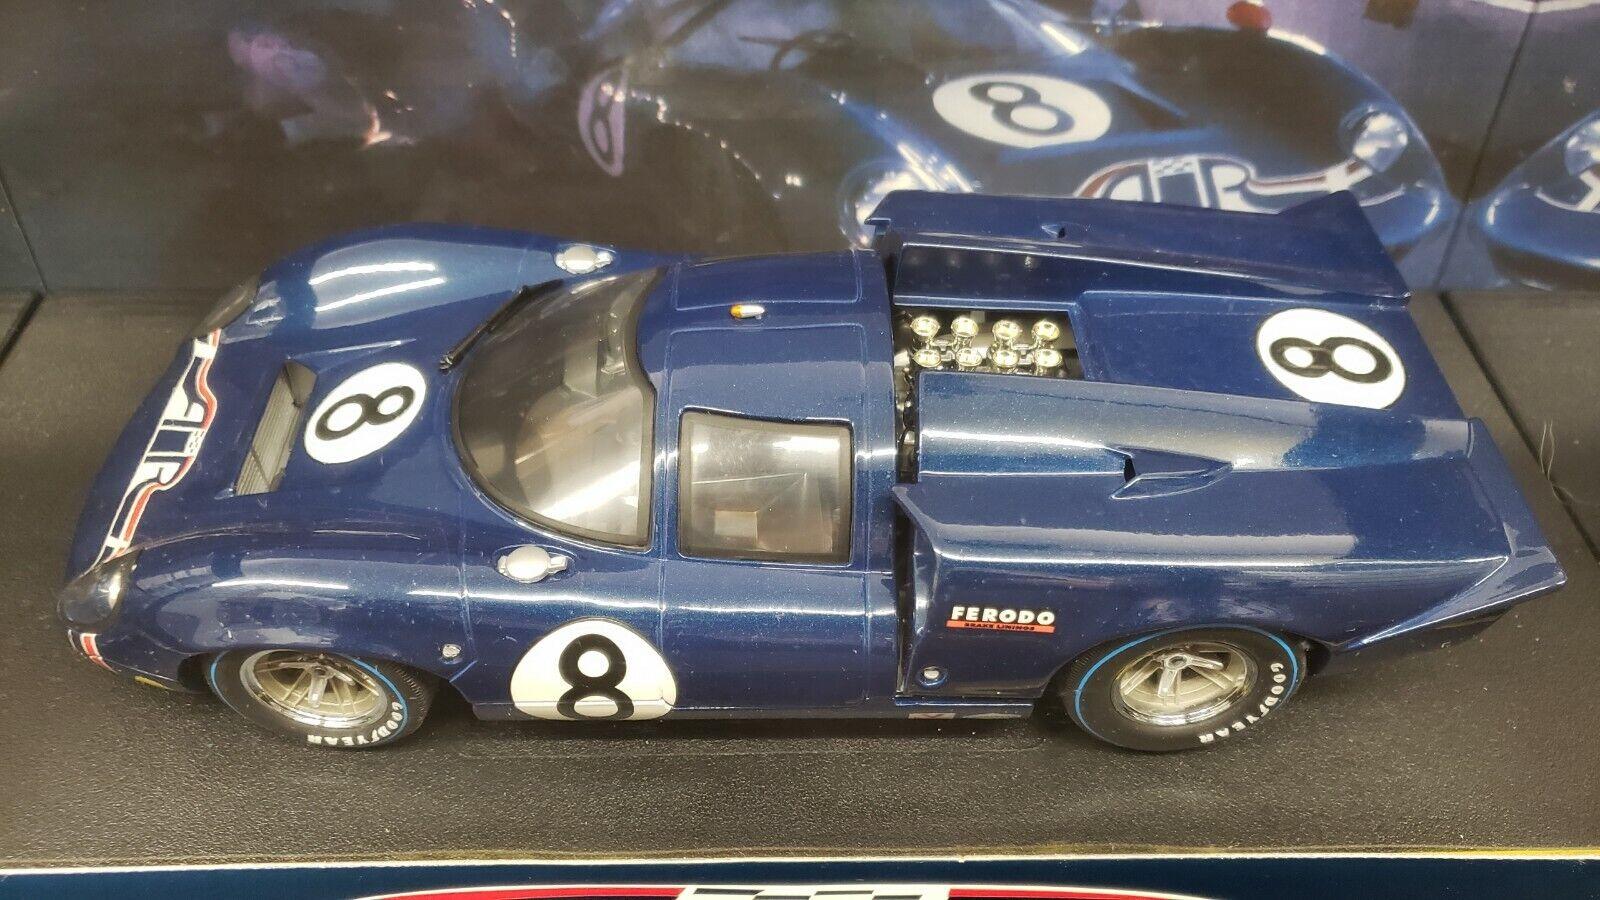 1 18 GMP Die-Cast Lola T70 Coupe - Leslie-Motschenbacher  8